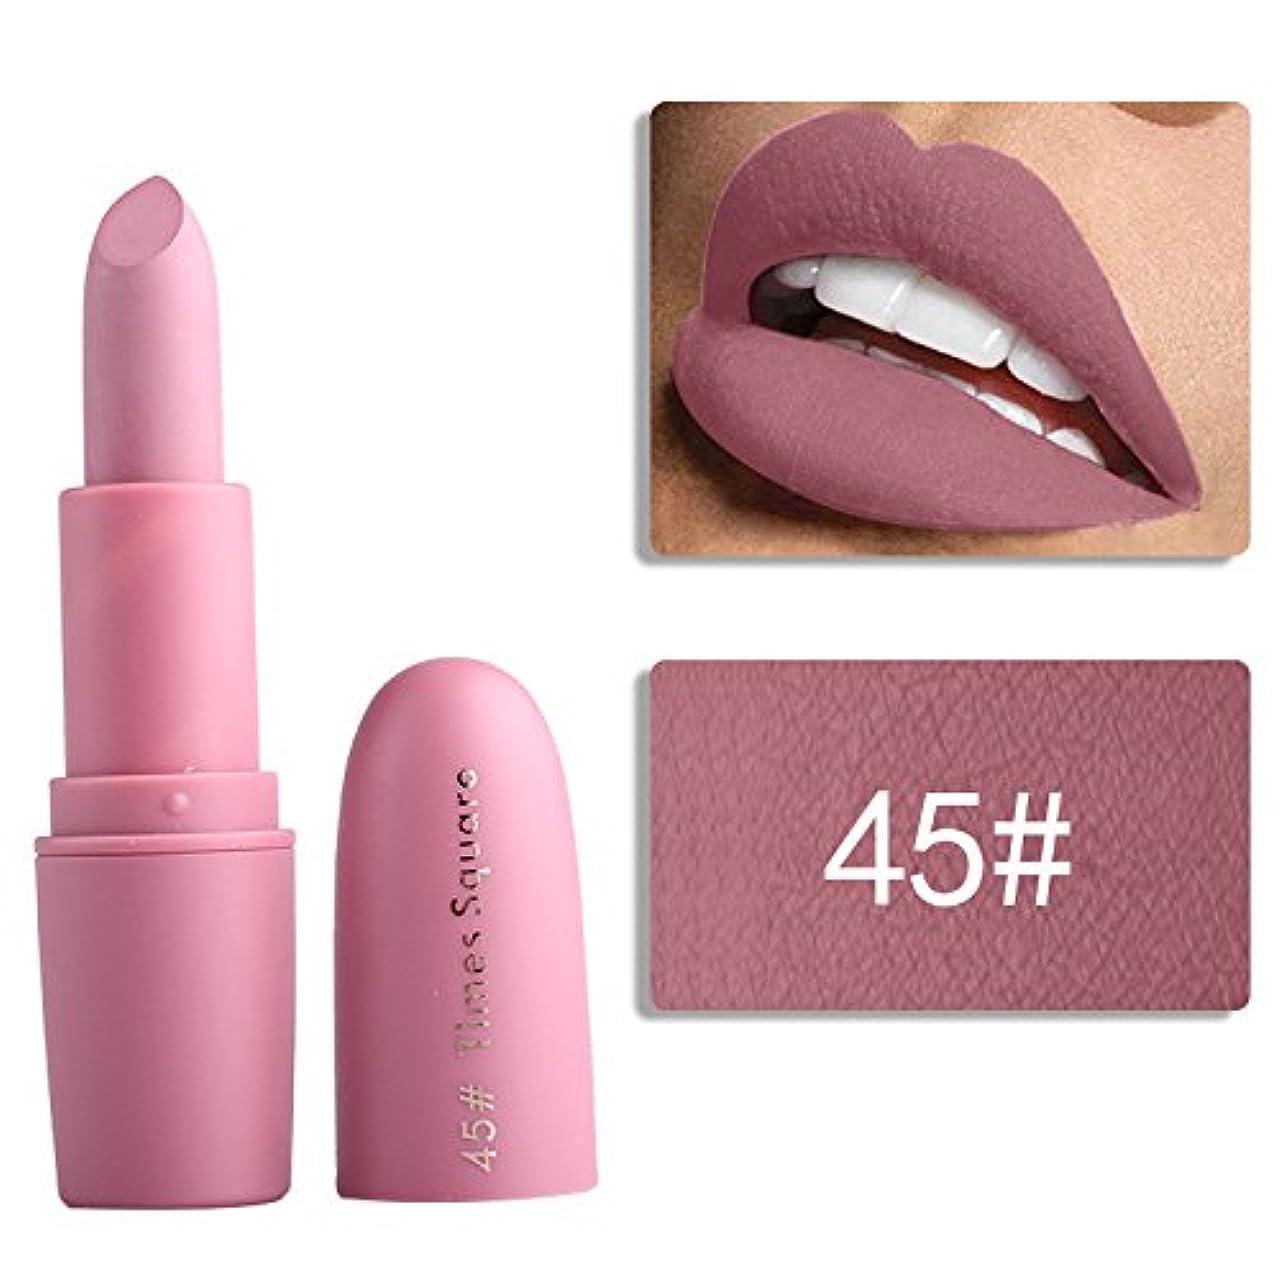 座標暖炉ウェブMiss Rose Nude Lipstick 22 colors Waterproof Vampire Brown Beauty Baby Lips Batom Matte lipstick Makeup Tats Eugenie...